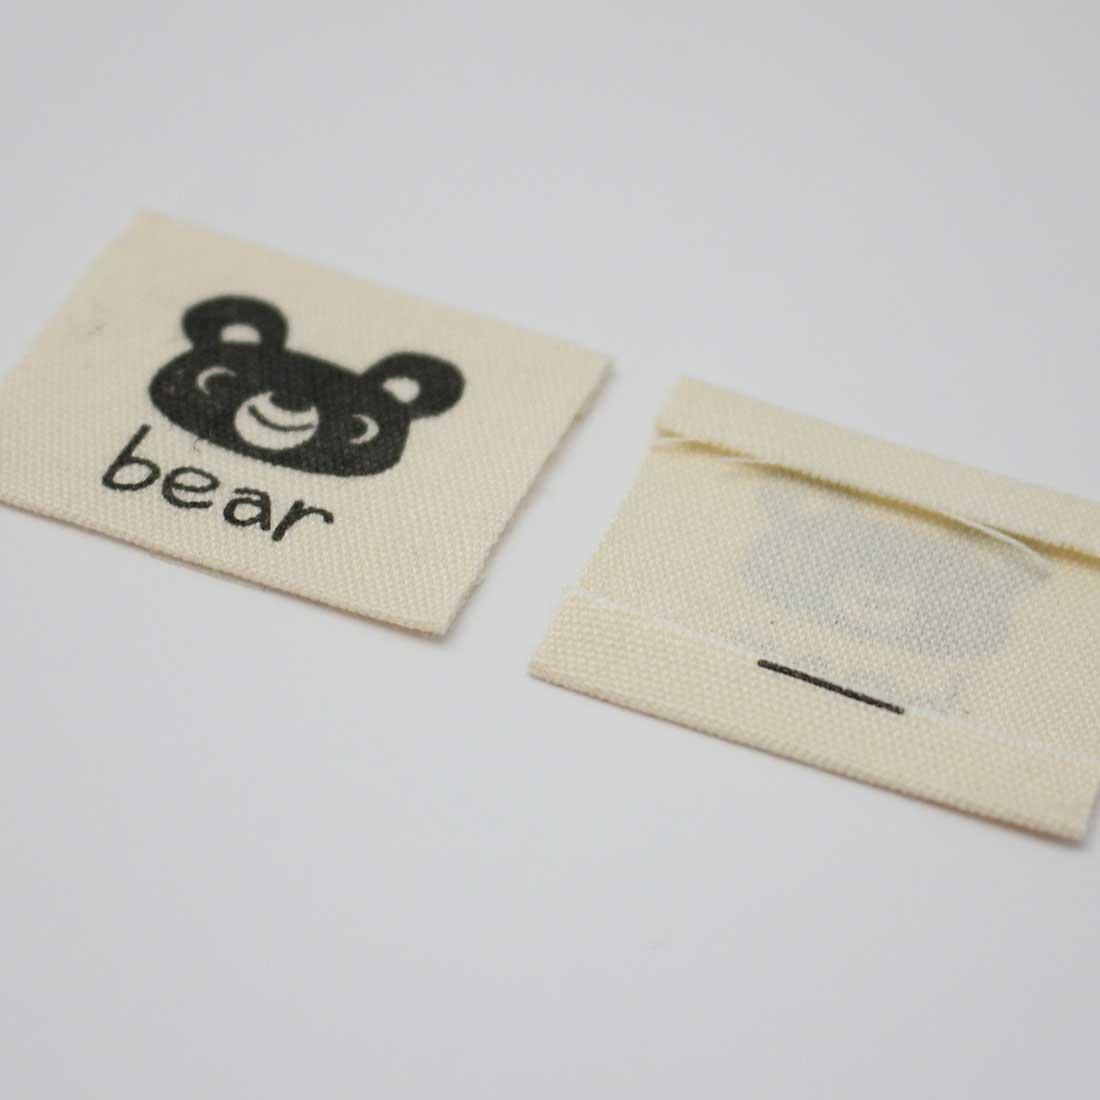 両端折 布タグ [クマ 柄][32×28mm] [10枚パック] sgy-1490【メール便可】(手芸用パーツ ワンポイント 布タグ 手芸 パーツ ハンドメイド 材料 副資材 布タグ タグ タグテープ tag ナチュラル 熊 くま bear)